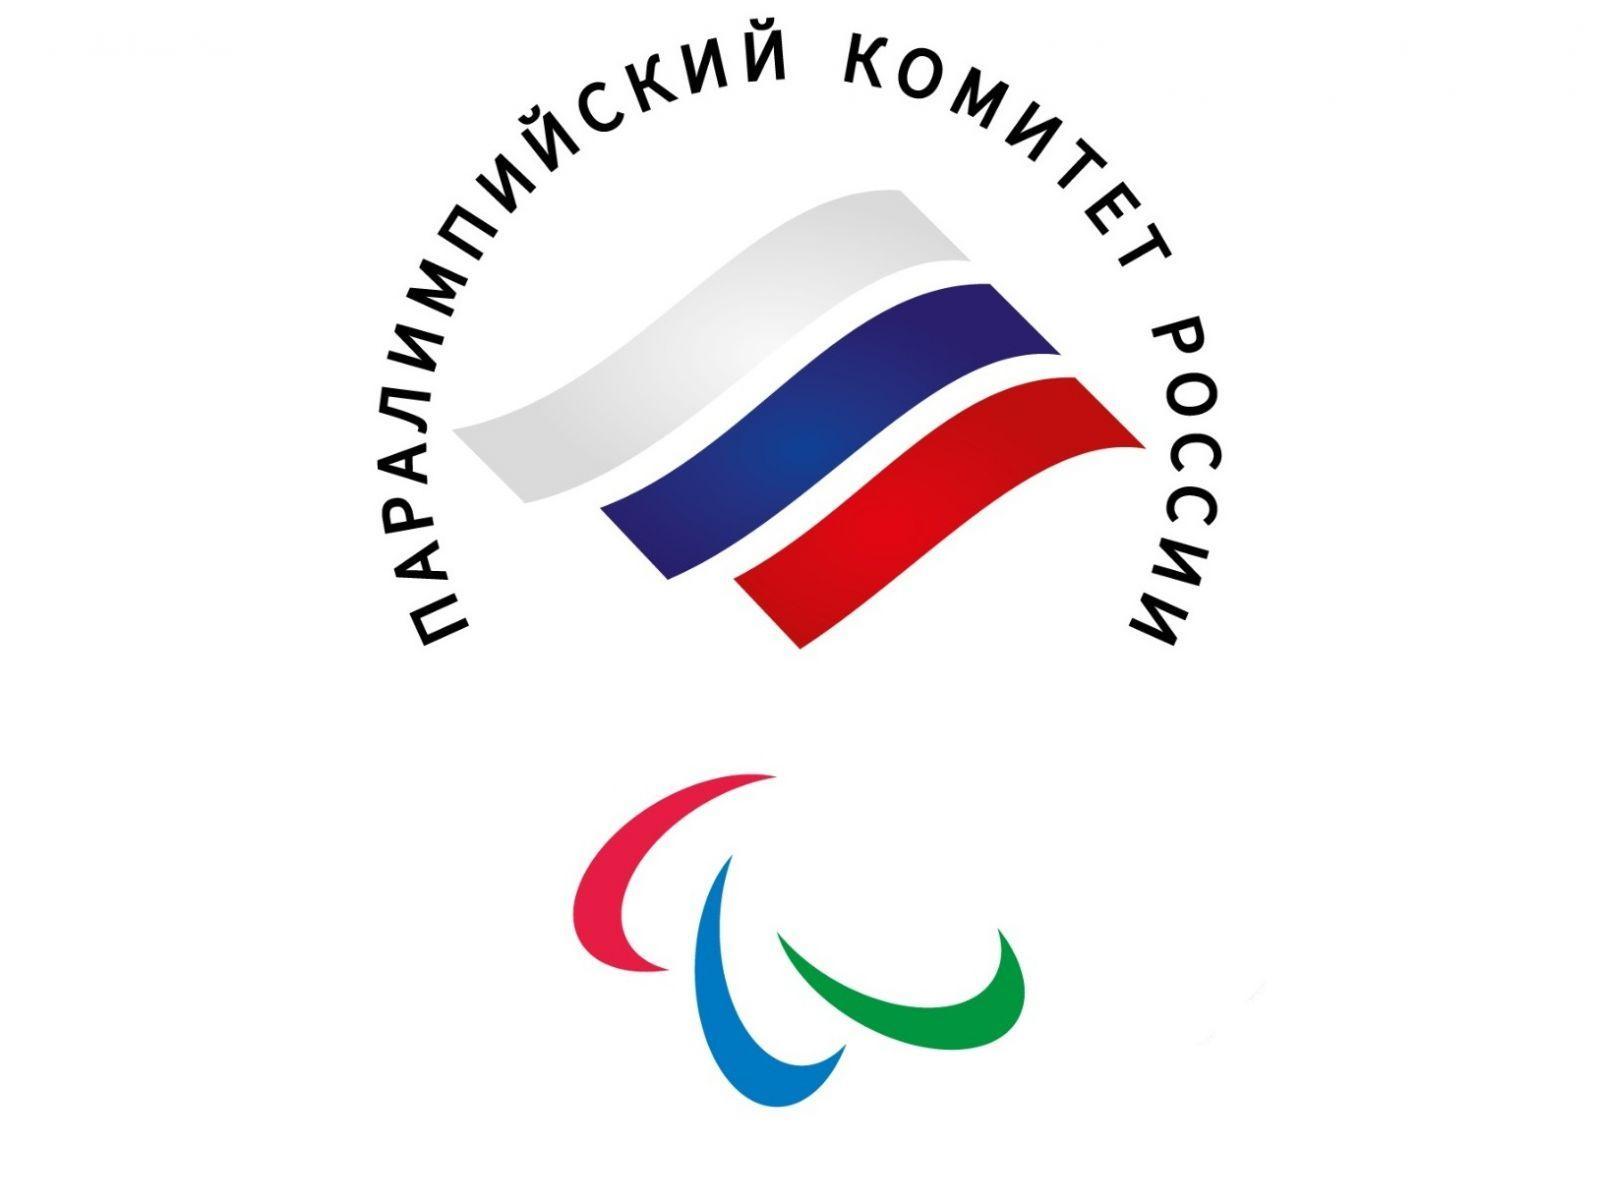 ПКР приглашает производителей и поставщиков спортивной одежды стать официальным экипировщиком паралимпийской делегации России на XII паралимпийских зимних играх 2022 года в г. Пекине (КНР)